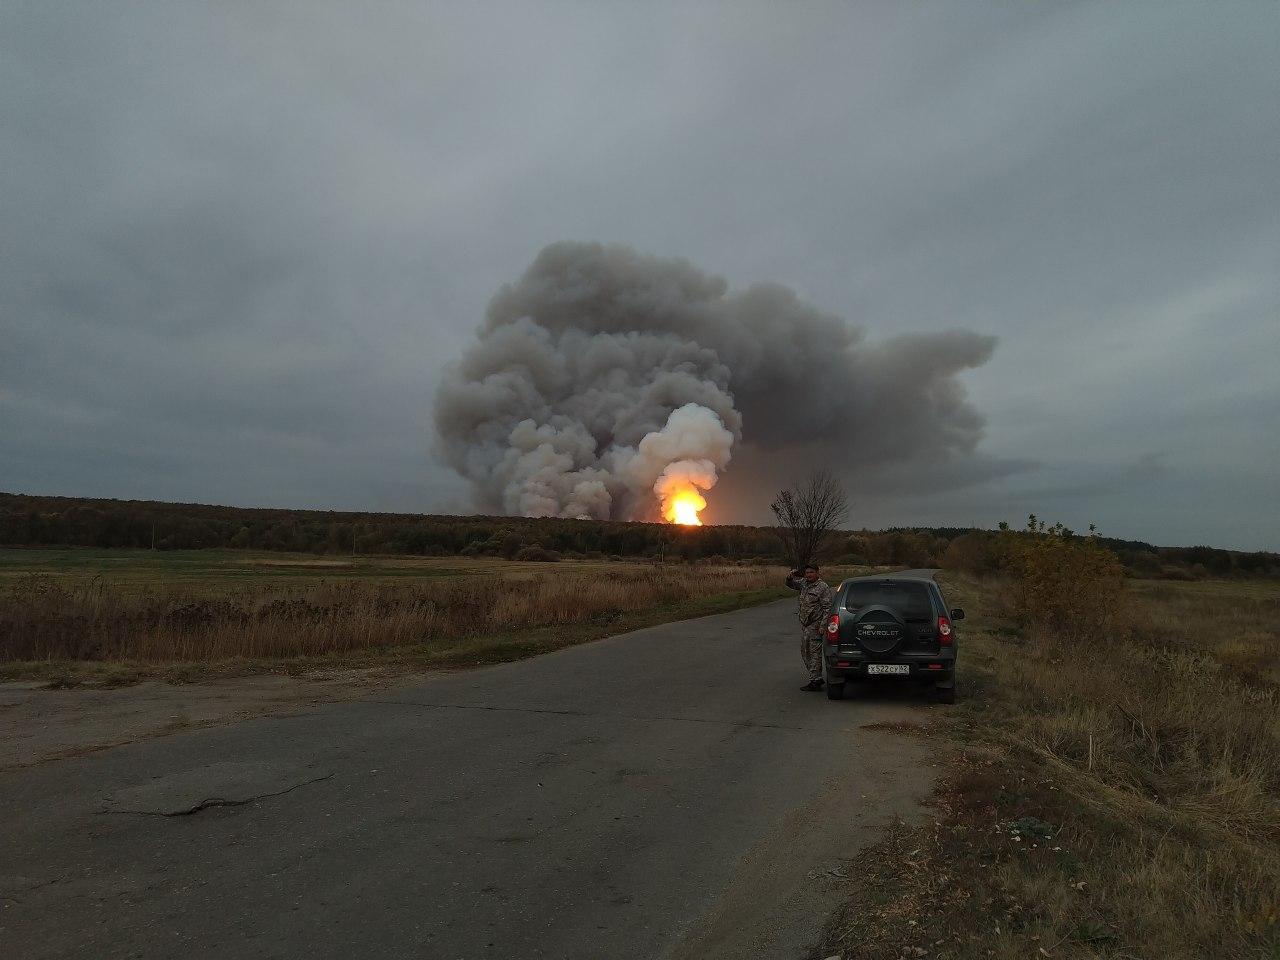 В Рязанской области отменили ЧС из-за взрывов боеприпасов